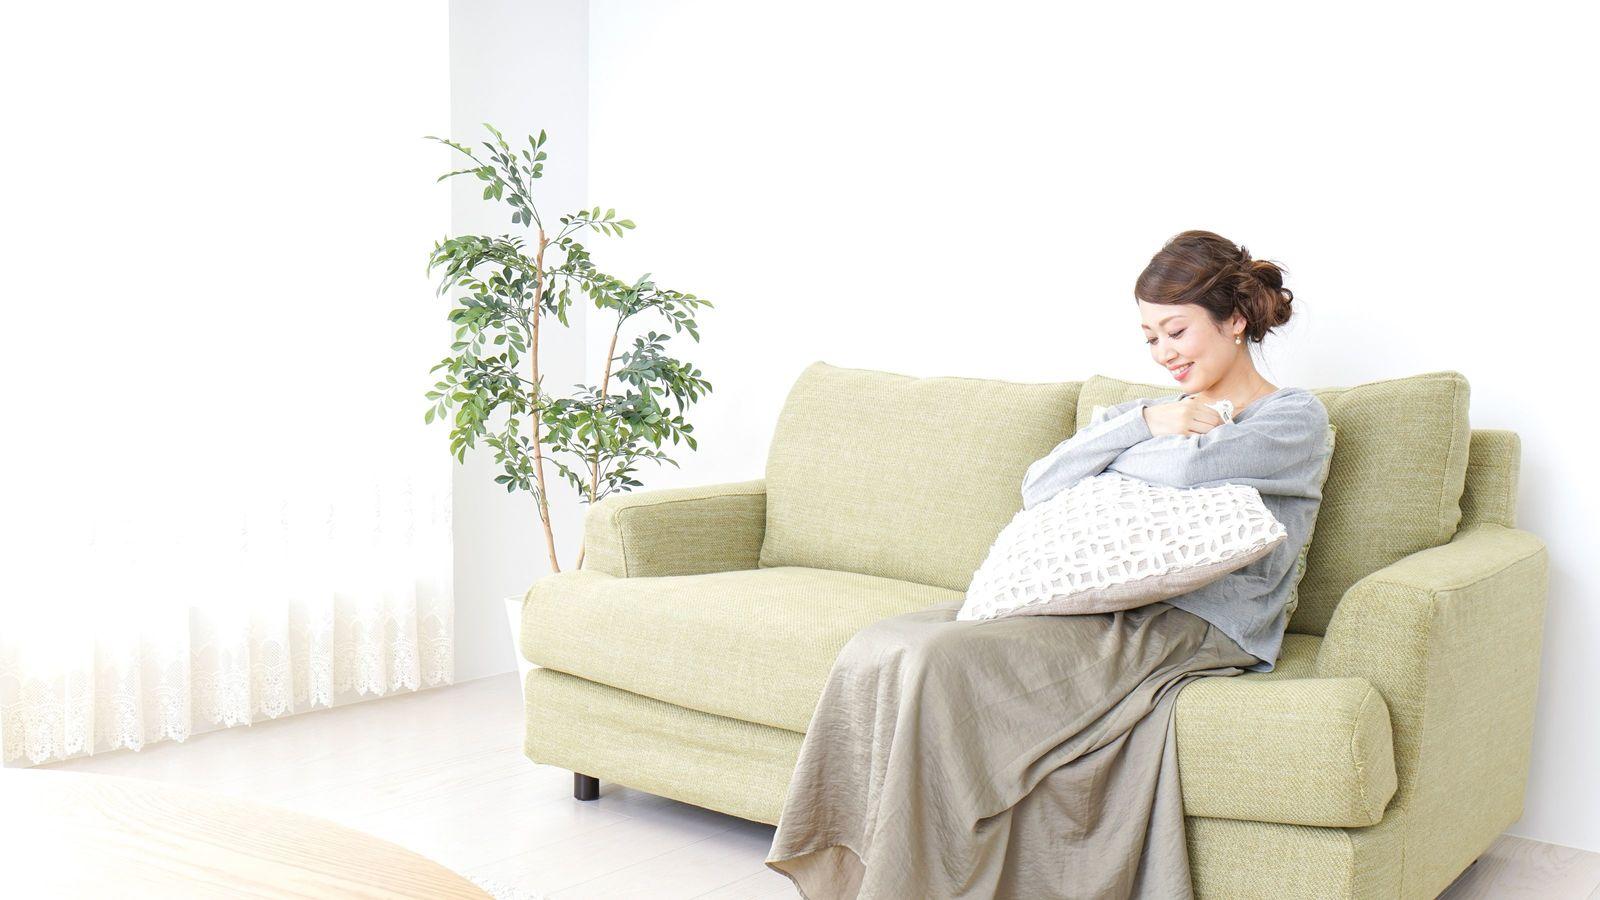 自宅でフカフカのソファが腰痛を促進するワケ 畳での生活もリラックスとは程遠い